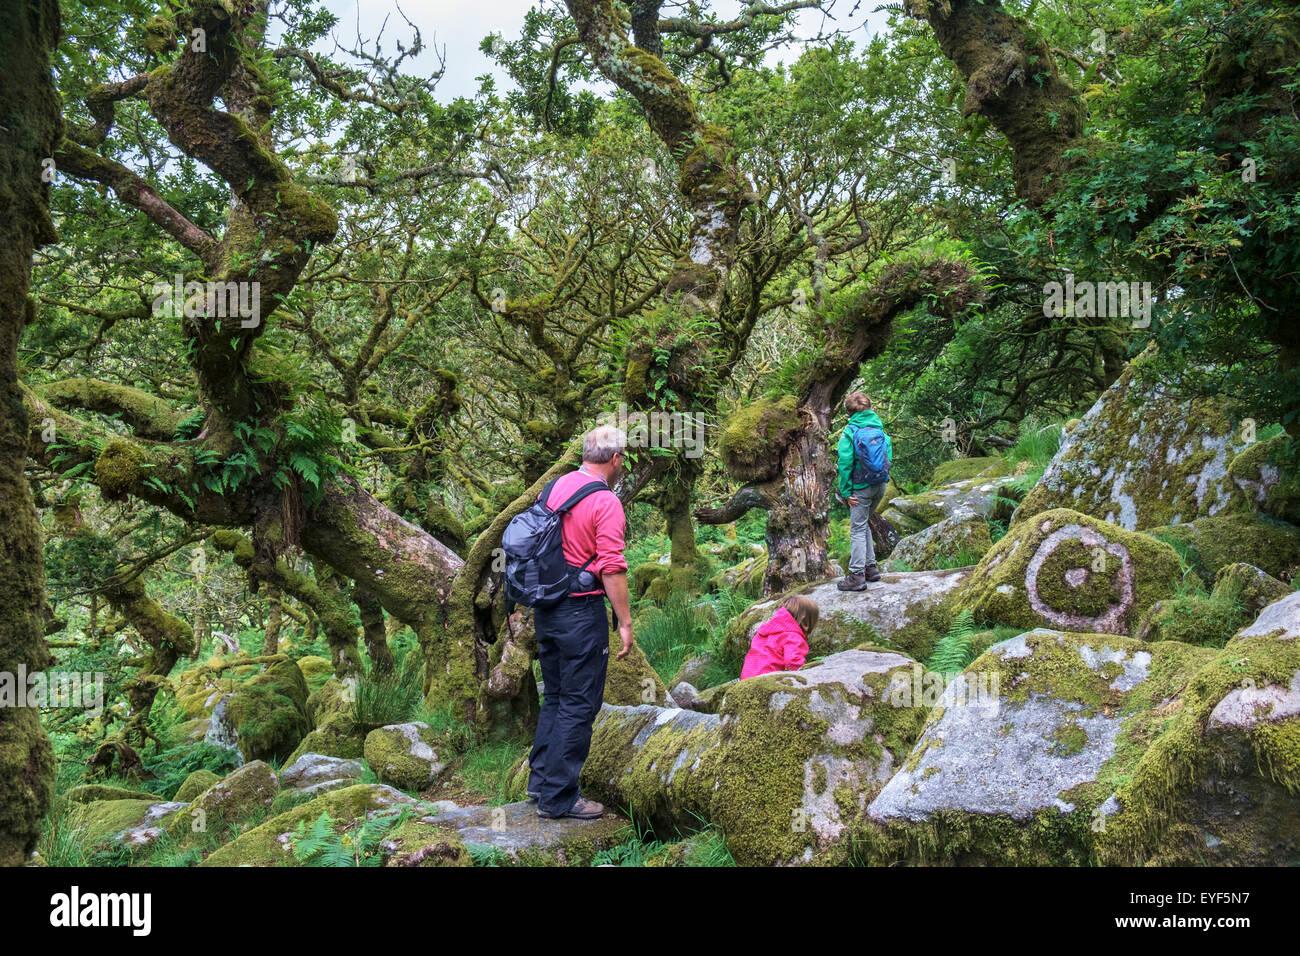 Une famille autour de Wistman's Wood, un haut-altitude oakwood (Quercus robur), près de deux ponts, Dartmoor, Photo Stock